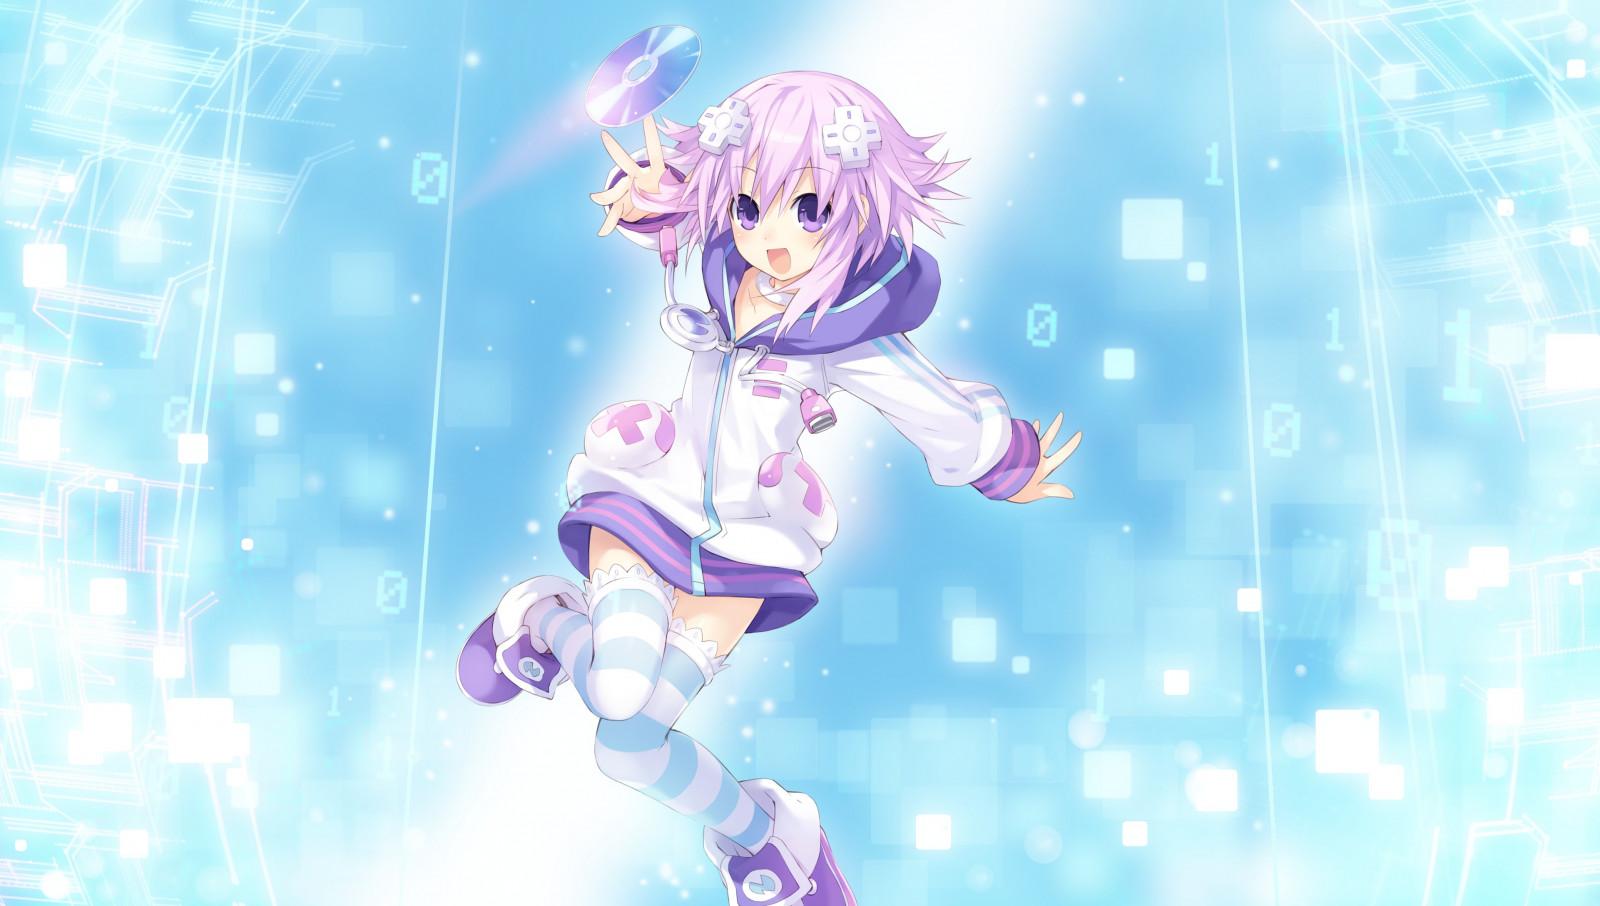 Sfondi : 3165x1780 px, anime girls, Hyperdimension